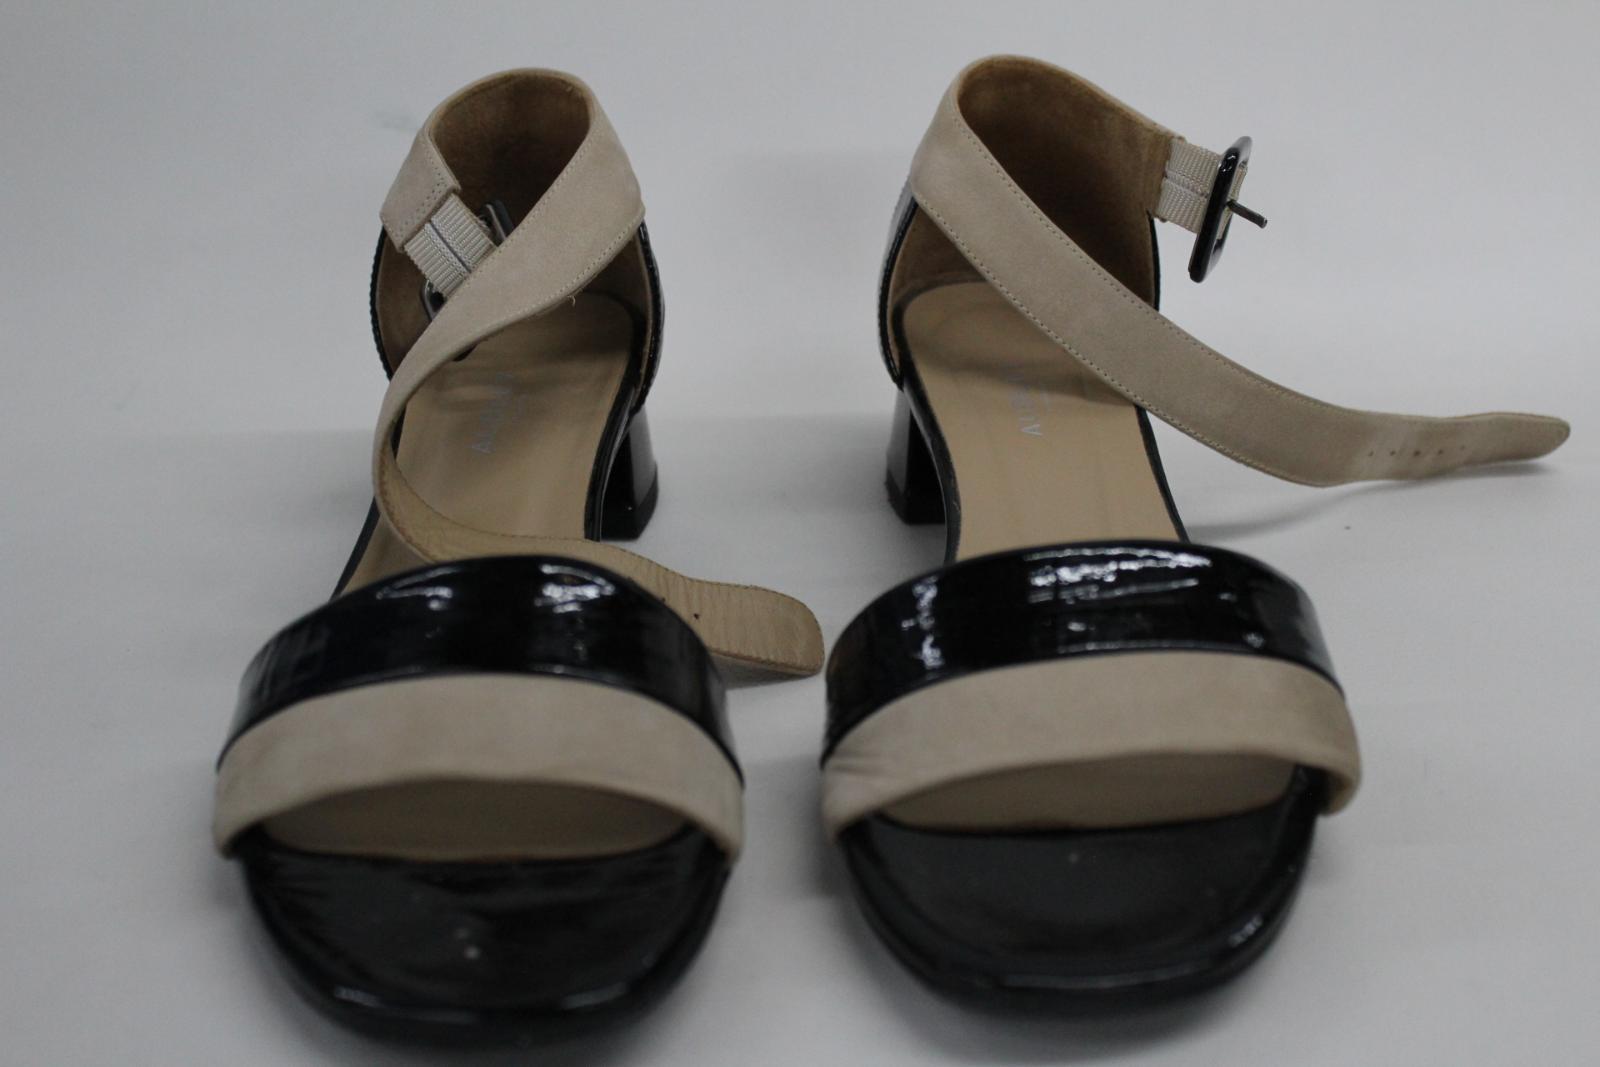 AUDLEY-London-Ladies-Black-amp-Beige-Ankle-Strap-Mid-Heel-Sandal-Shoes-EU39-UK6 thumbnail 3